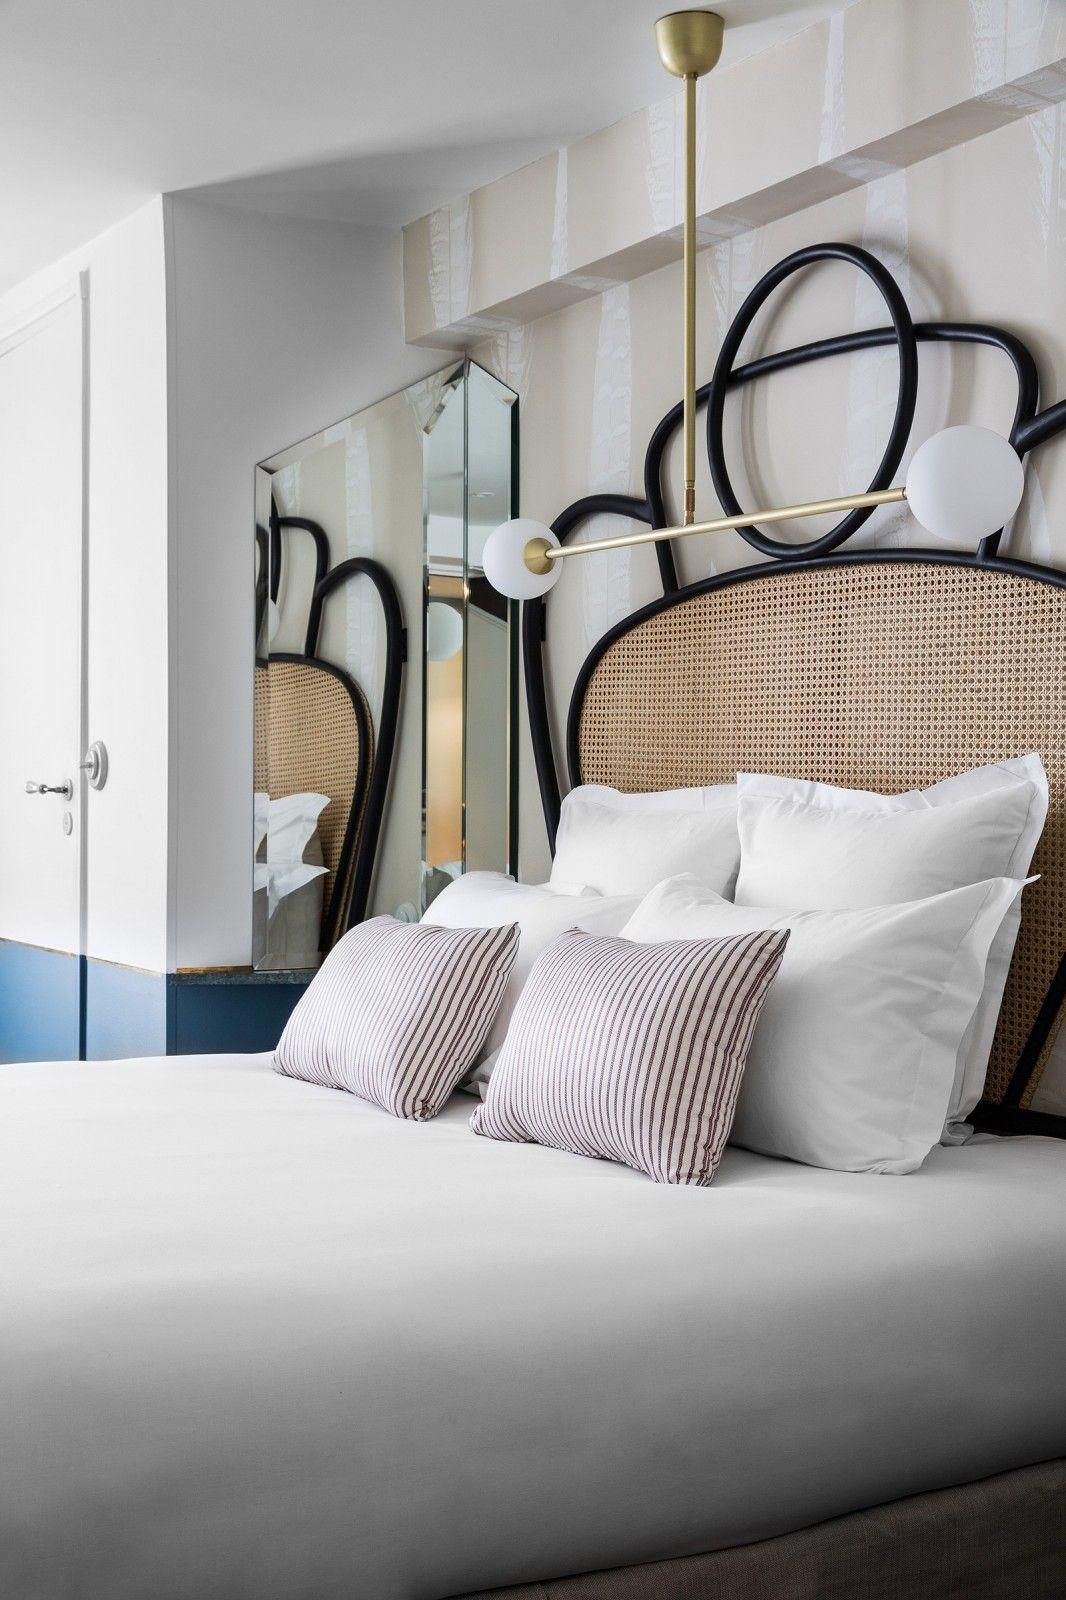 Hôtel Panache – Chambre Double Classique   Hotel   Pinterest ...